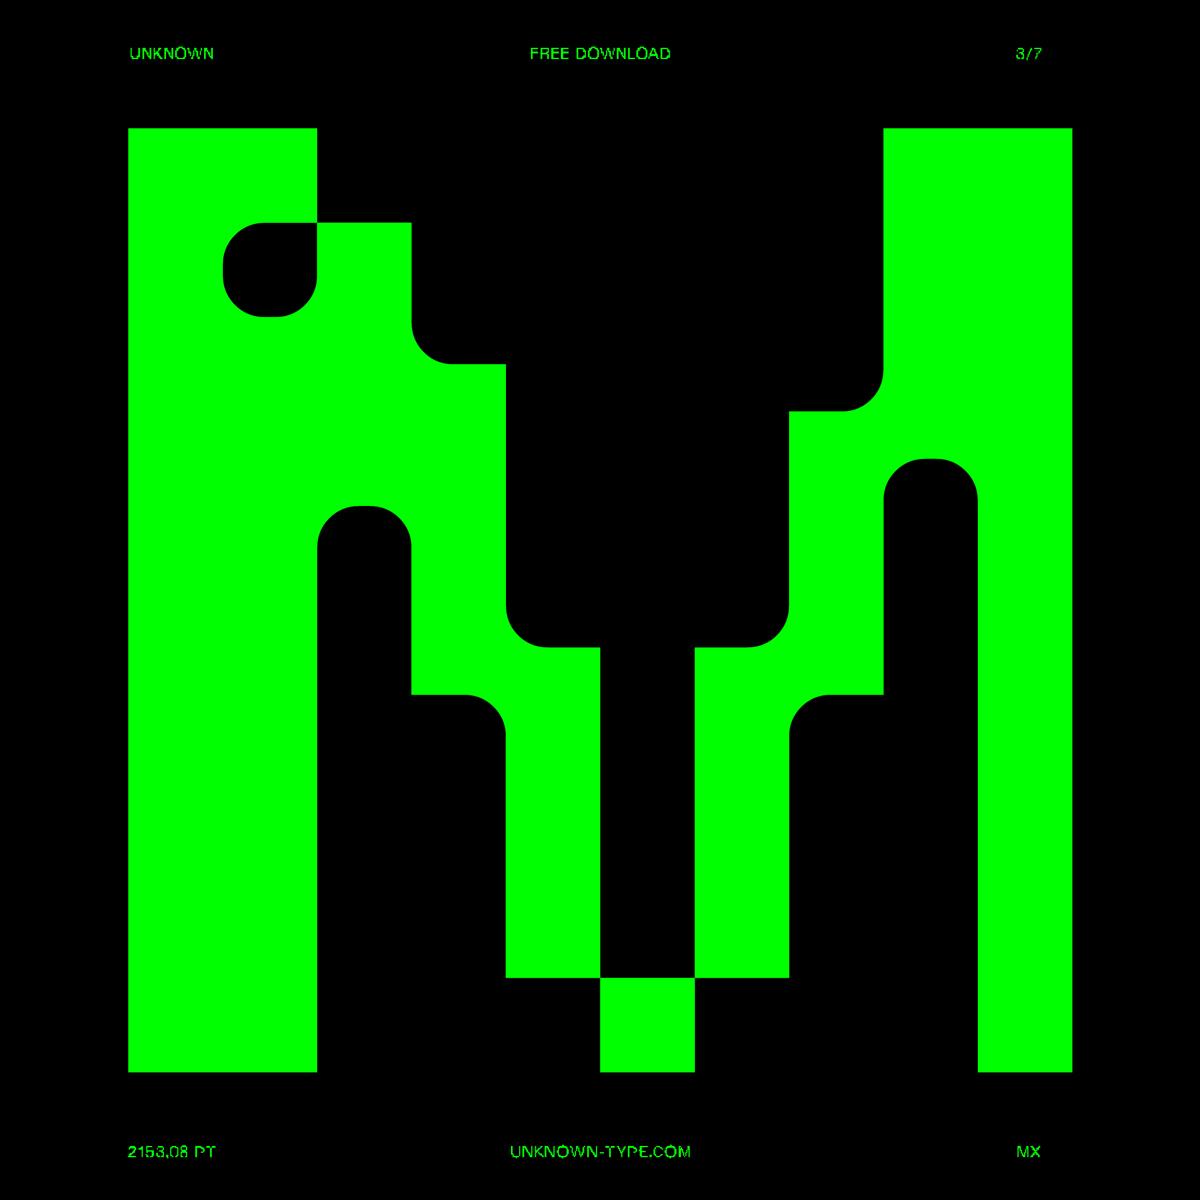 1200_UNKNOWN-SPECIMEN-20203